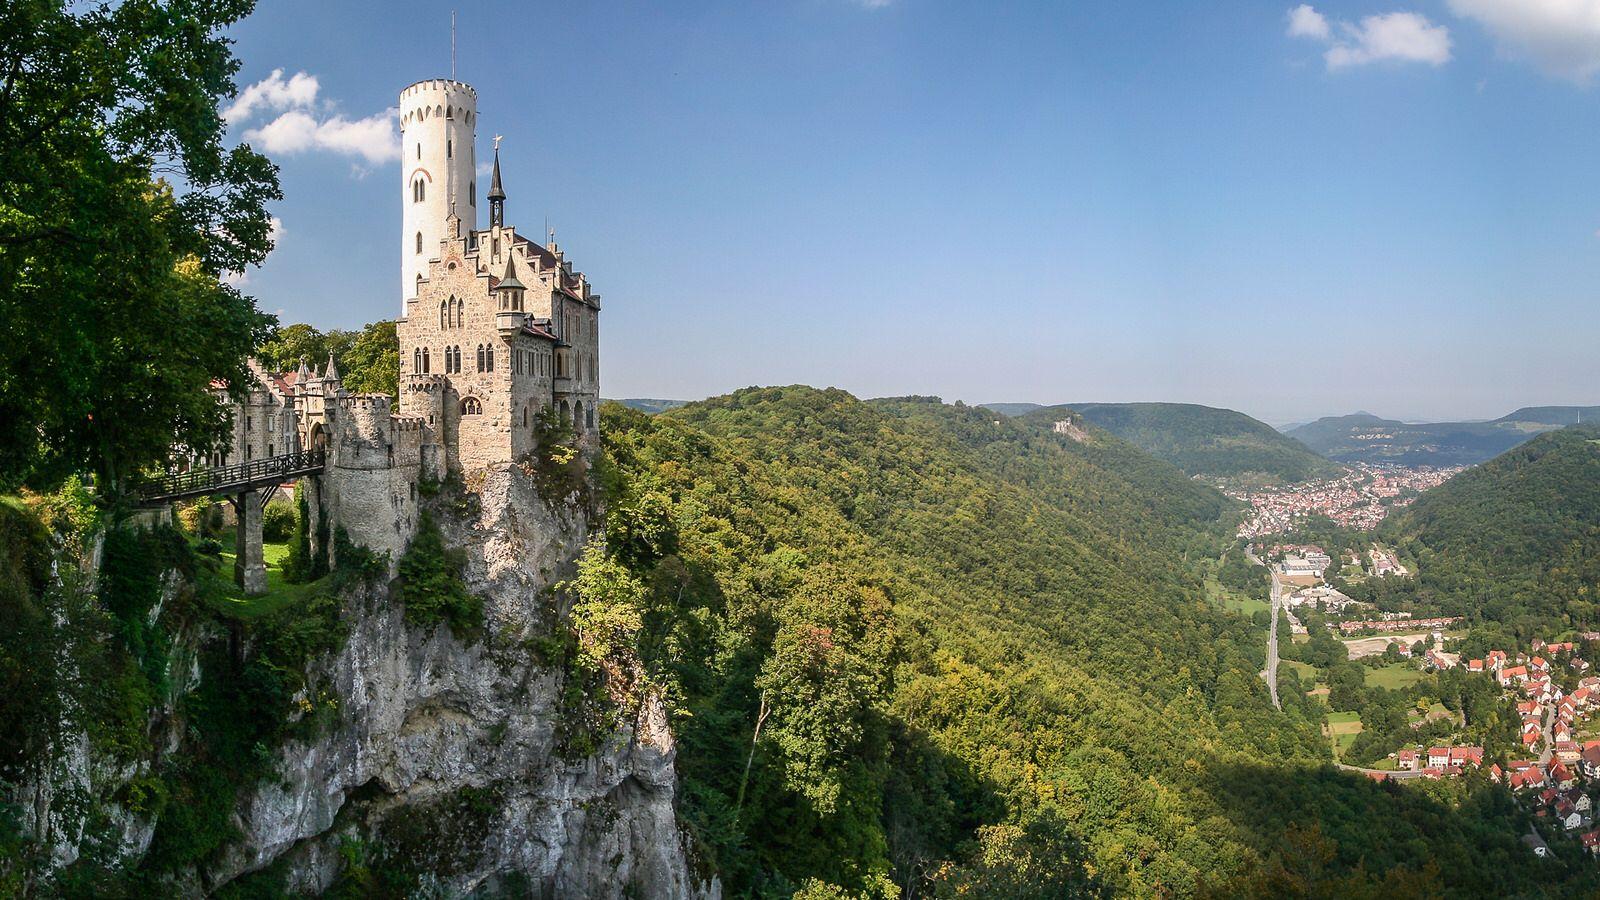 Lichtenstein Castle Schloss Lichtenstein Germany Wurttemberg Lichtenstein Castle Germany Castles Castle